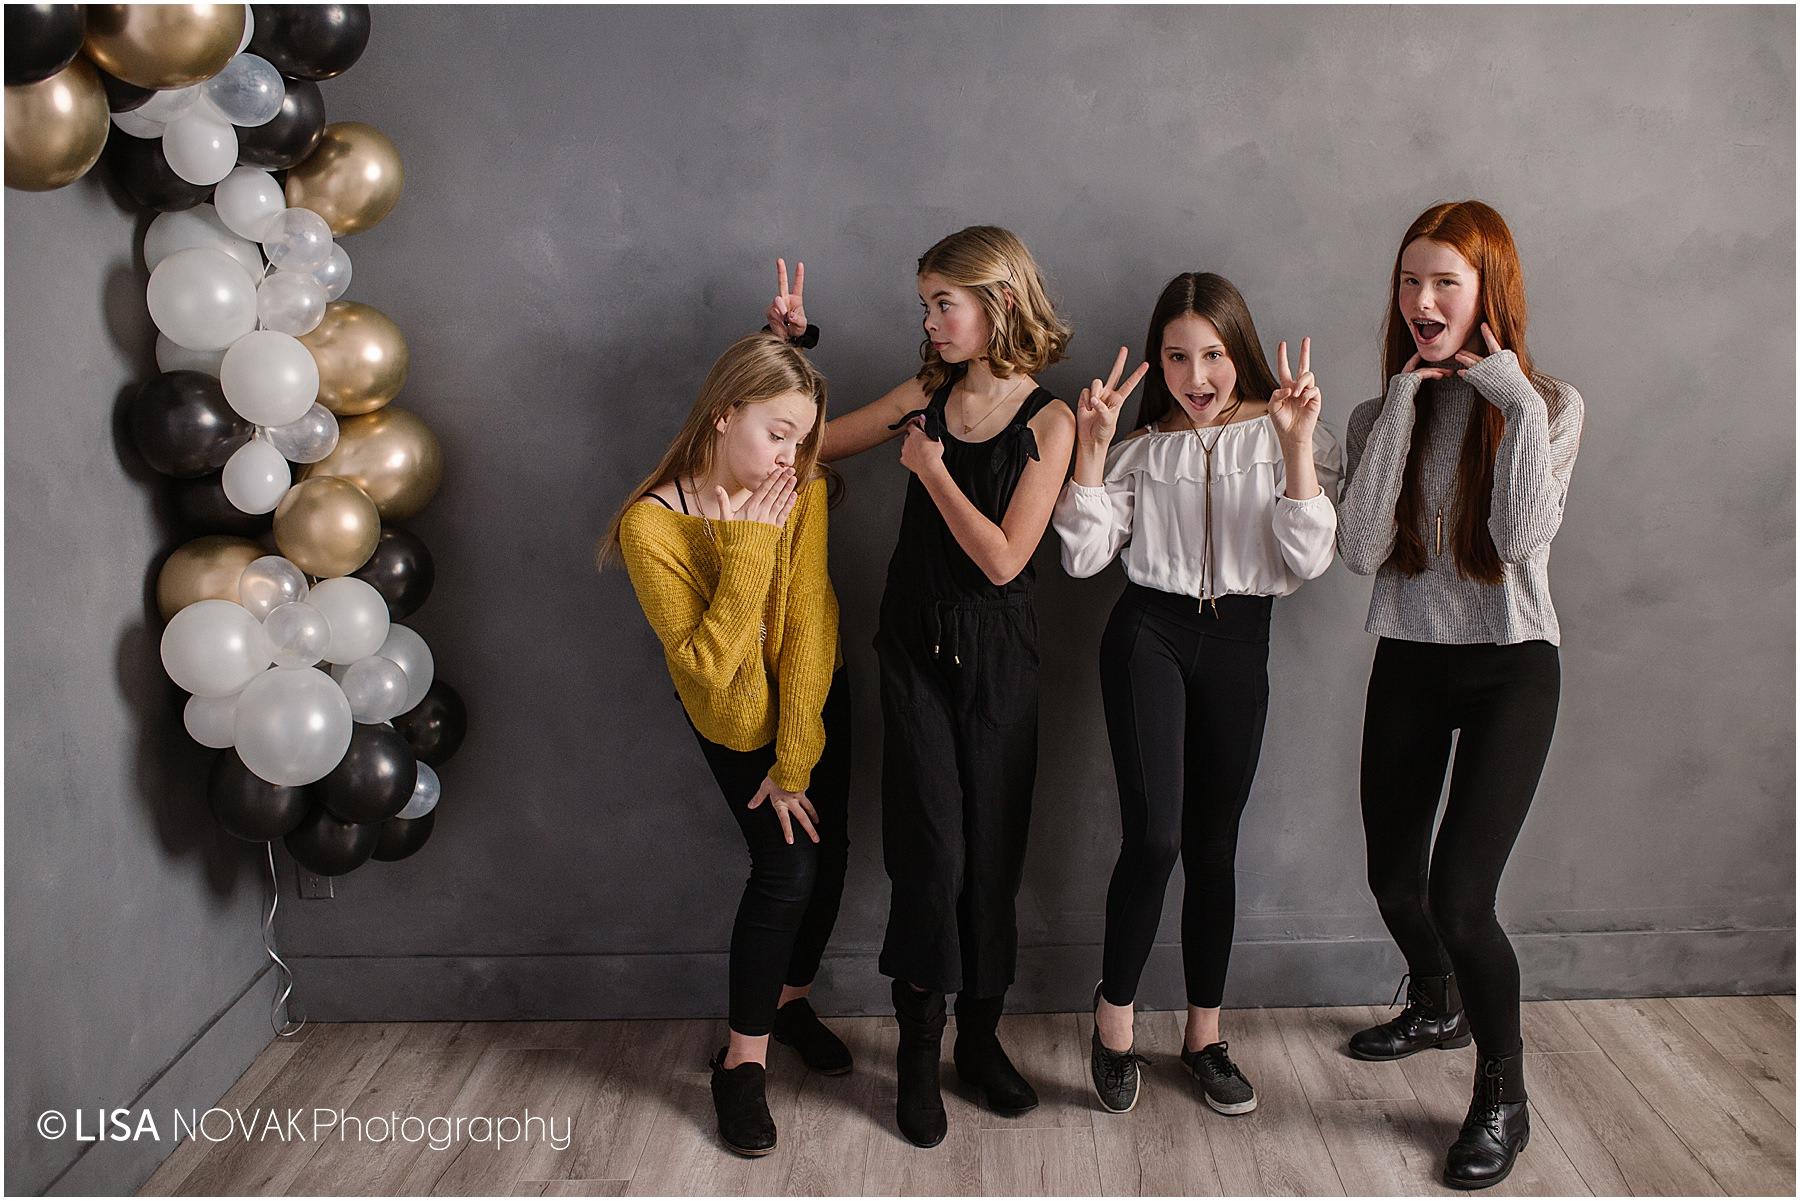 tween birthday party ideas Kamloops okanagan studio photoshoot